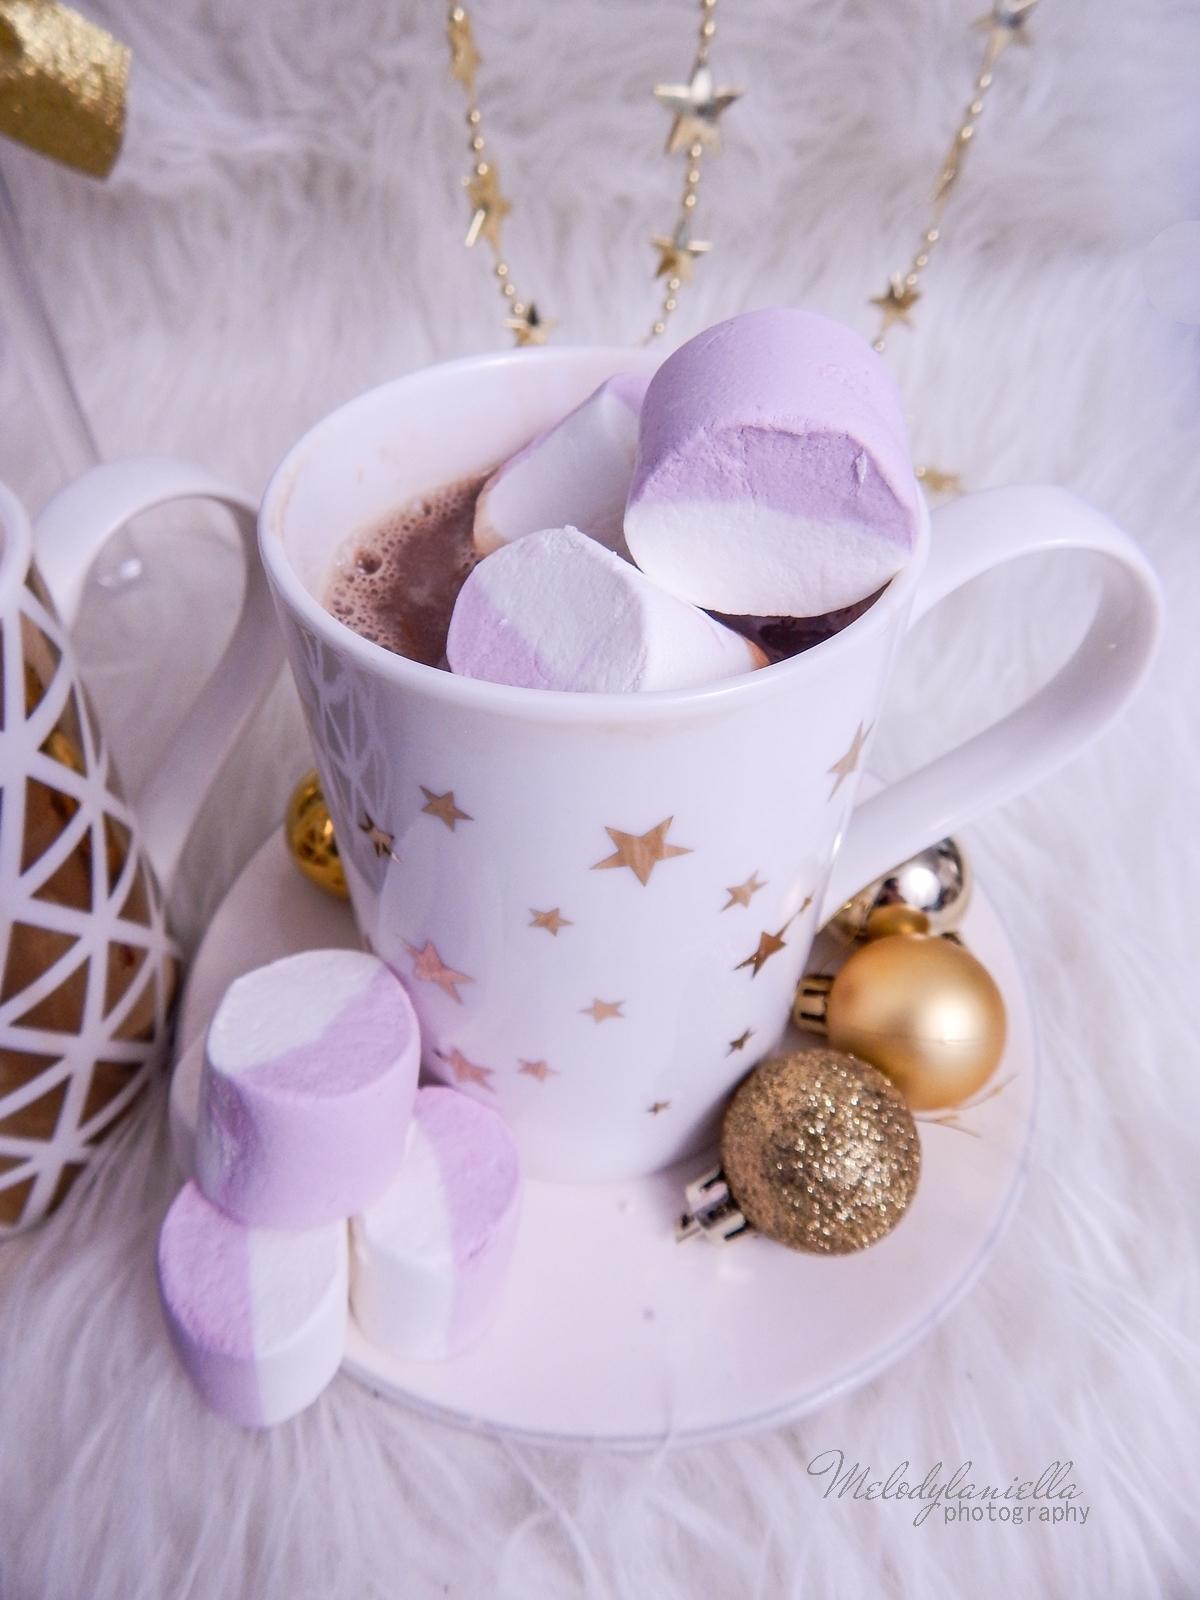 14  przepis na domową gorącą czekoladę świąteczne zimowe napoje ciekawe slodycze na Boże Narodzenie karnawal Sylwestra imprezy pianki jojo melodylaniella  czekolada